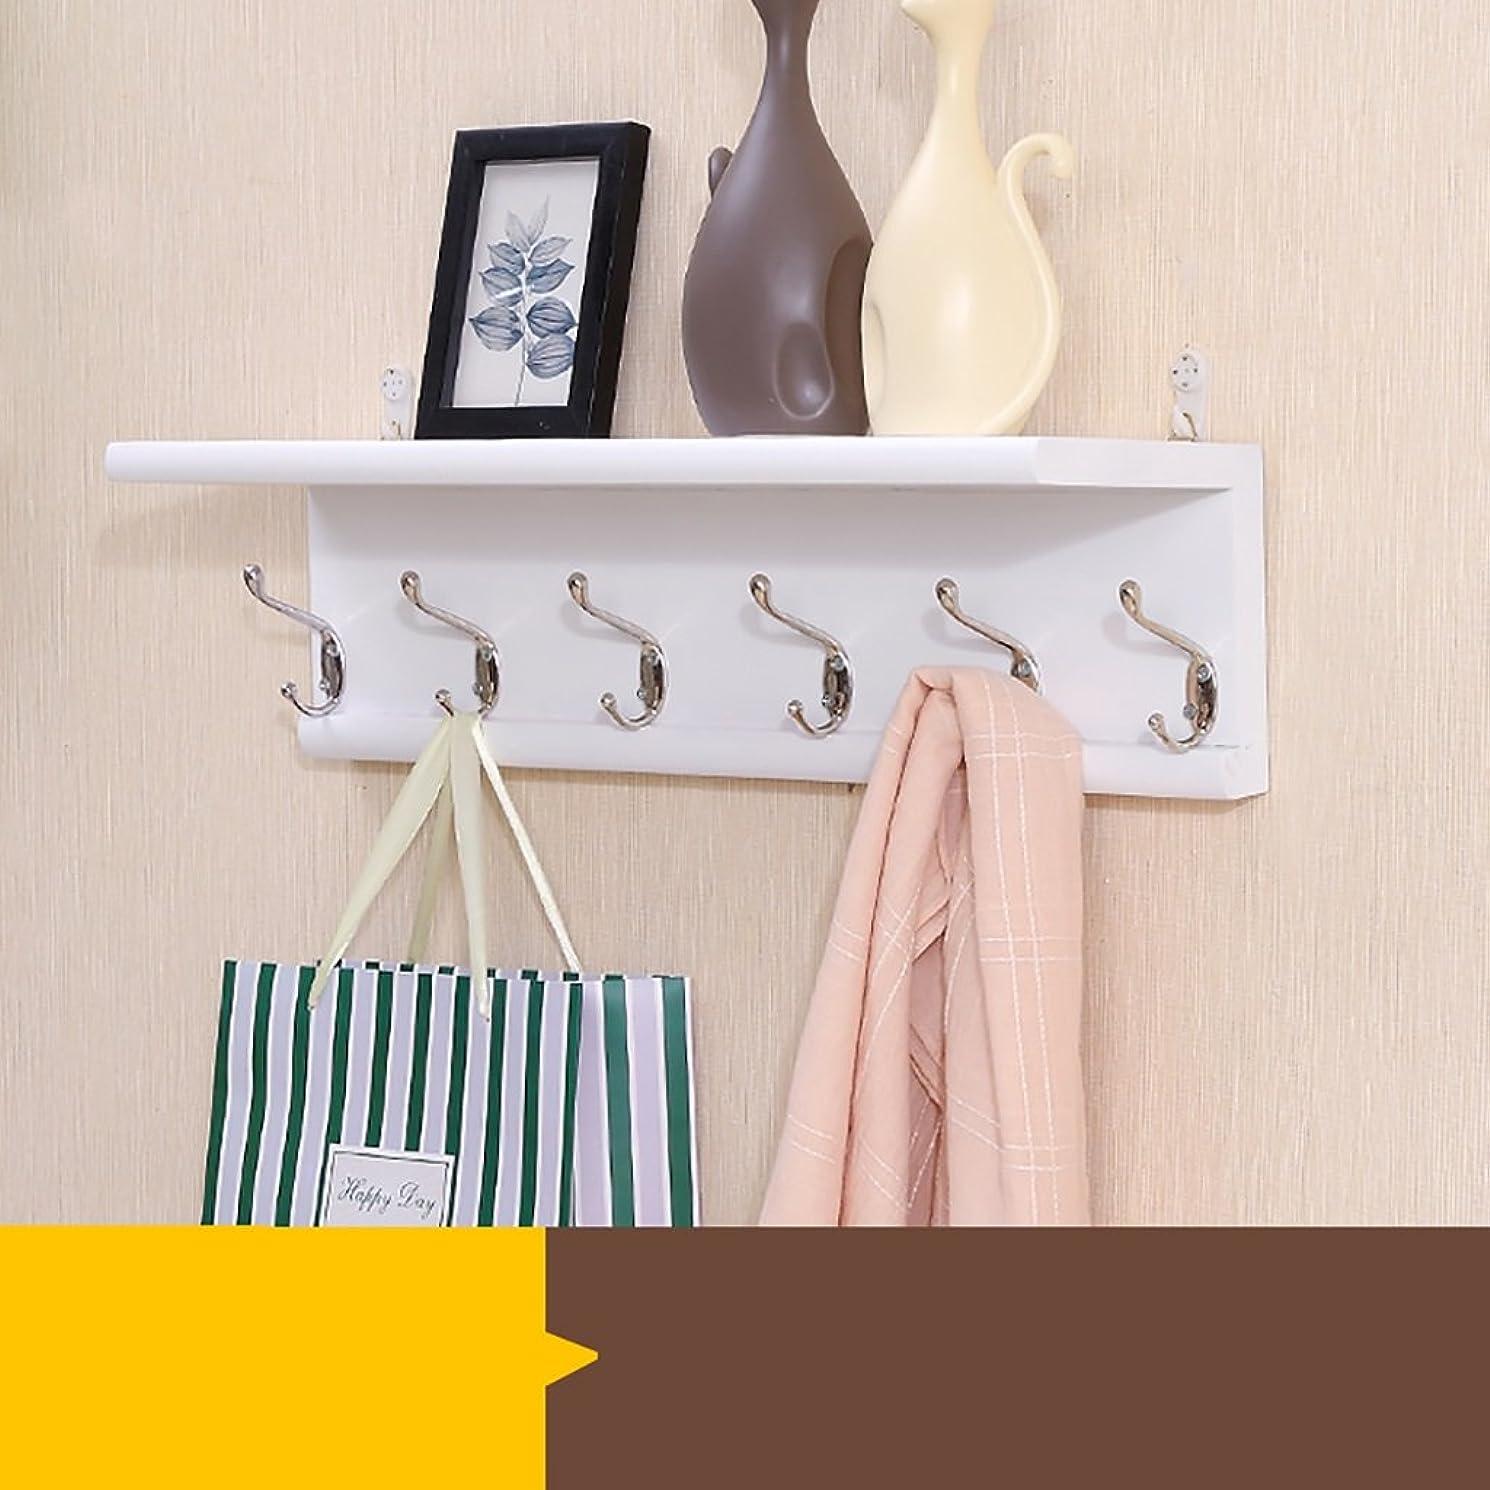 ムスタチオ推定ボイドコート洋服ラック ウォールコートラック、棚、タオル、帽子、スカーフ、ディスプレイシェルフ用の棚に壁掛け収納 (Color : 3)